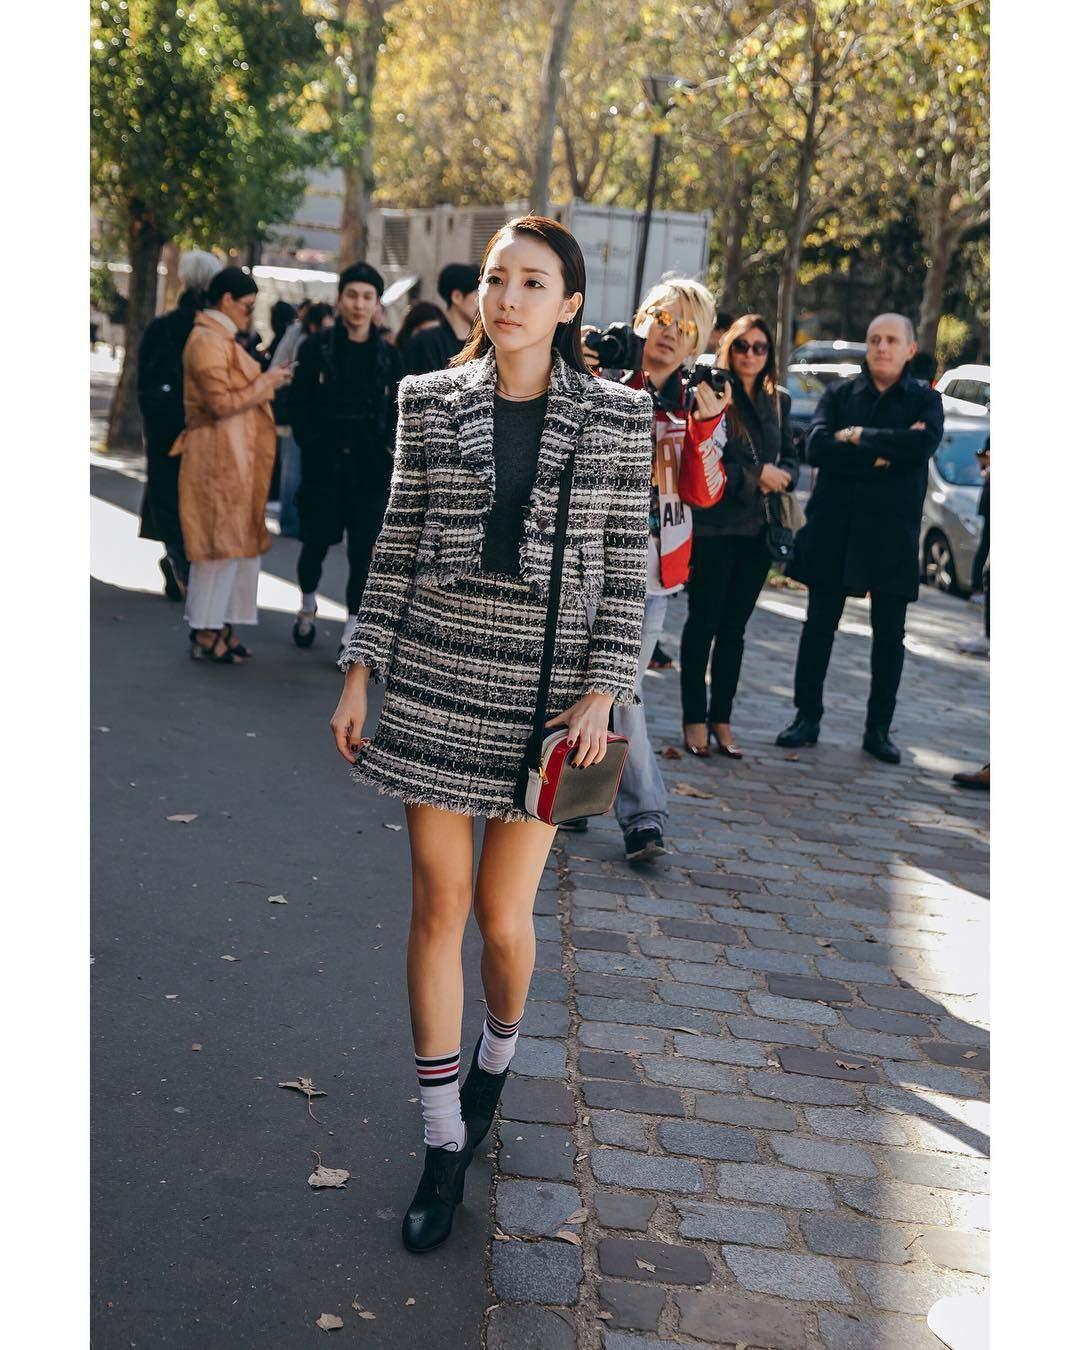 最近在奔波巴黎時裝週的Dara,突然在instagram上傳一張和2NE1成員的合照,創造2NE1在異地合體的珍貴畫面,曝光後馬上引起粉絲關注,哭聲一片!